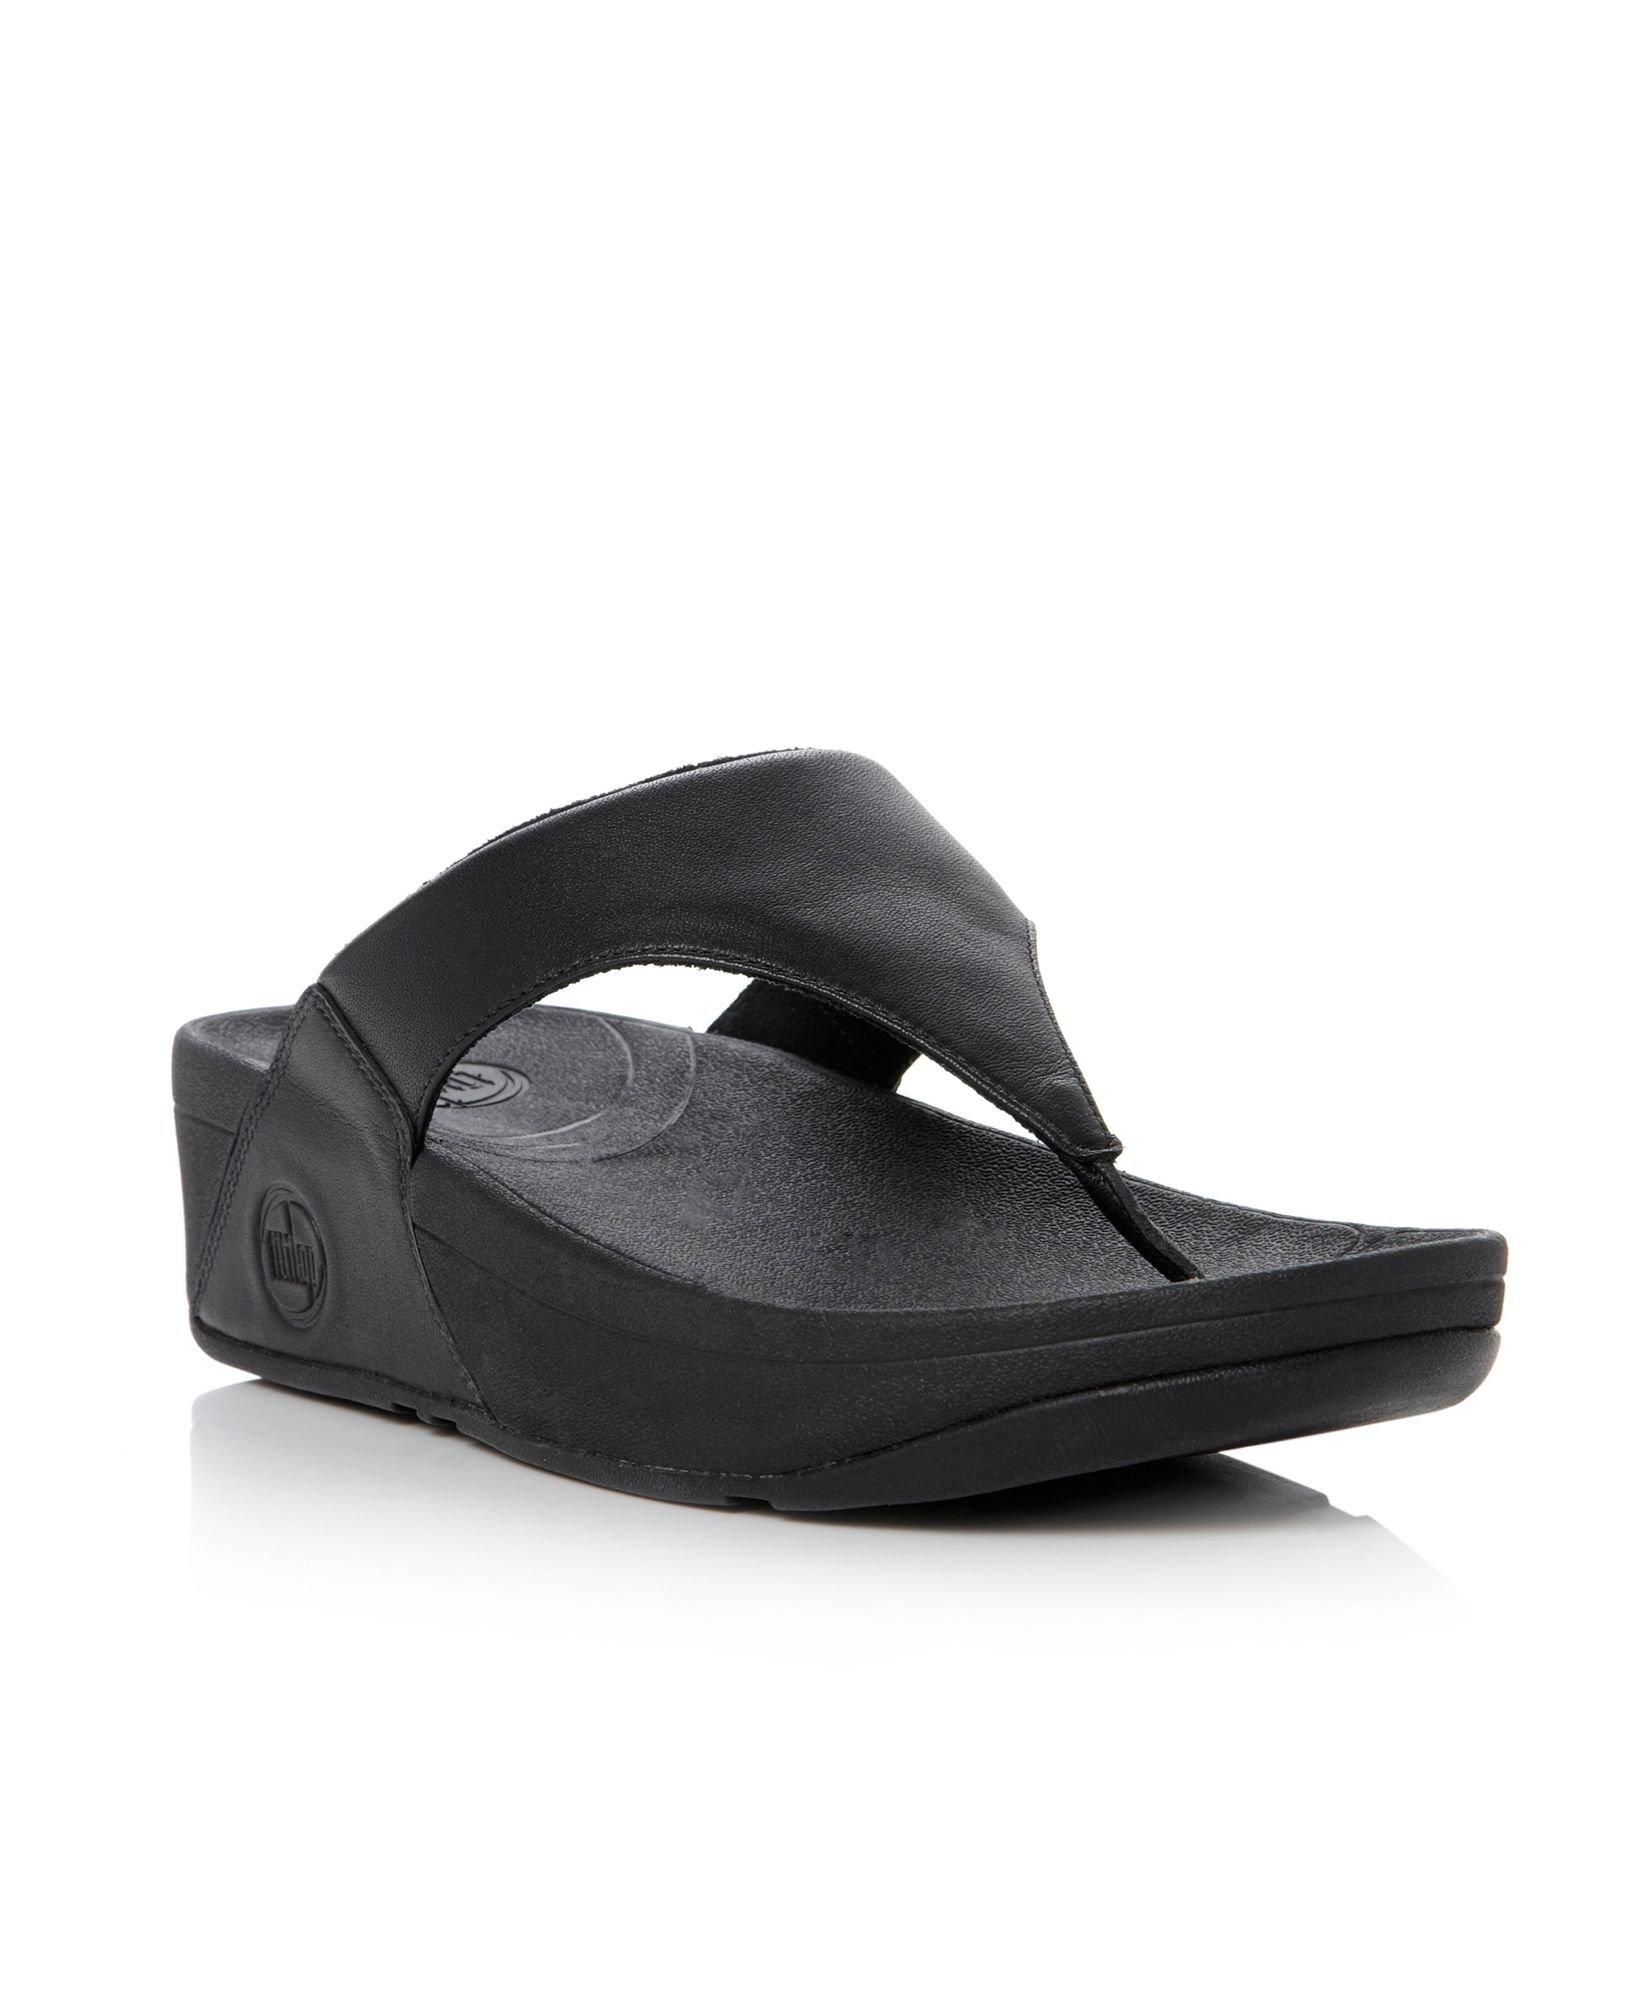 8e3c254631472e Fitflop Lulu Black Leather